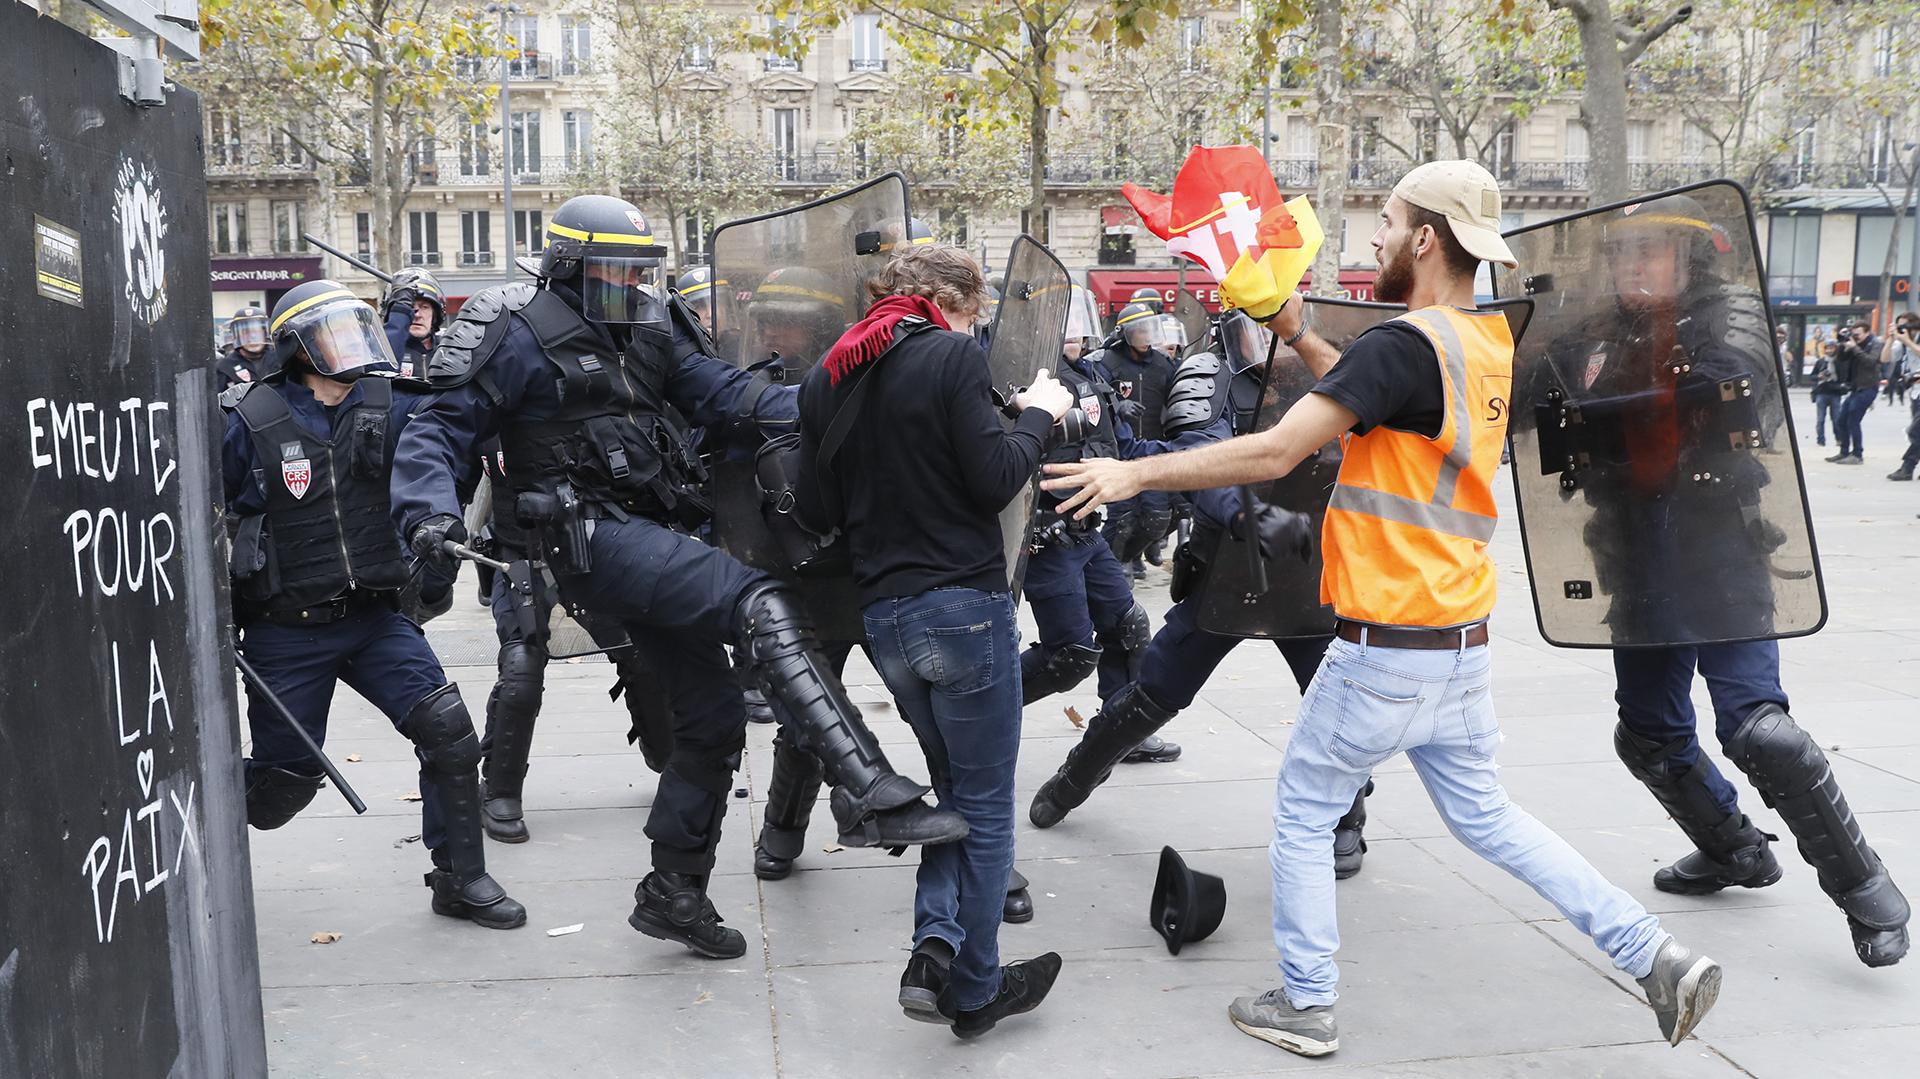 Los sindicatos denunciaron que la reforma laboral del gobierno socialista atenta contra los derechos de los trabajadores (AFP)